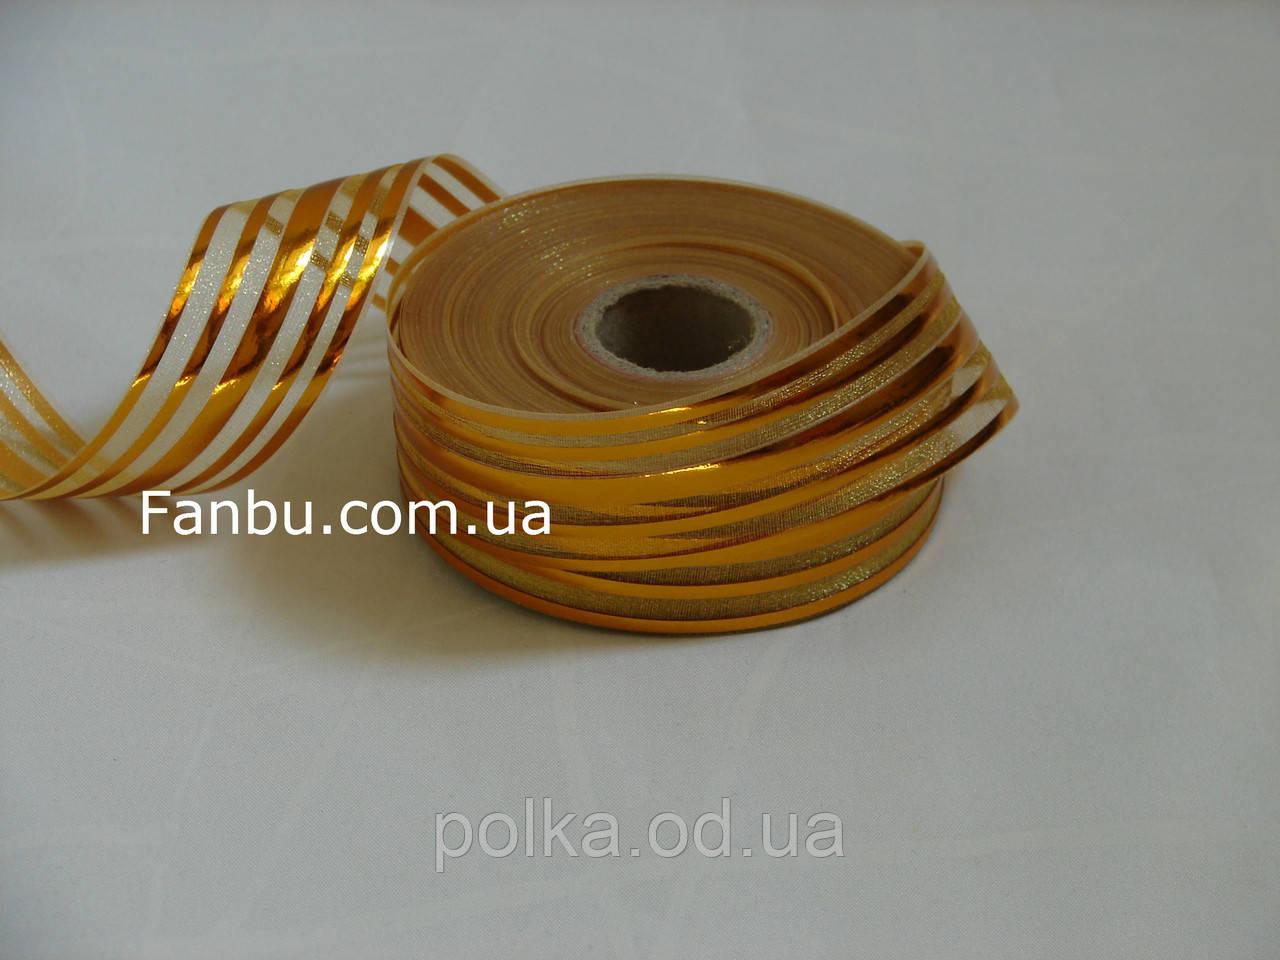 Золотая лента для бантов с красивым переливом(1рулон-25ярдов)ширина 3 см